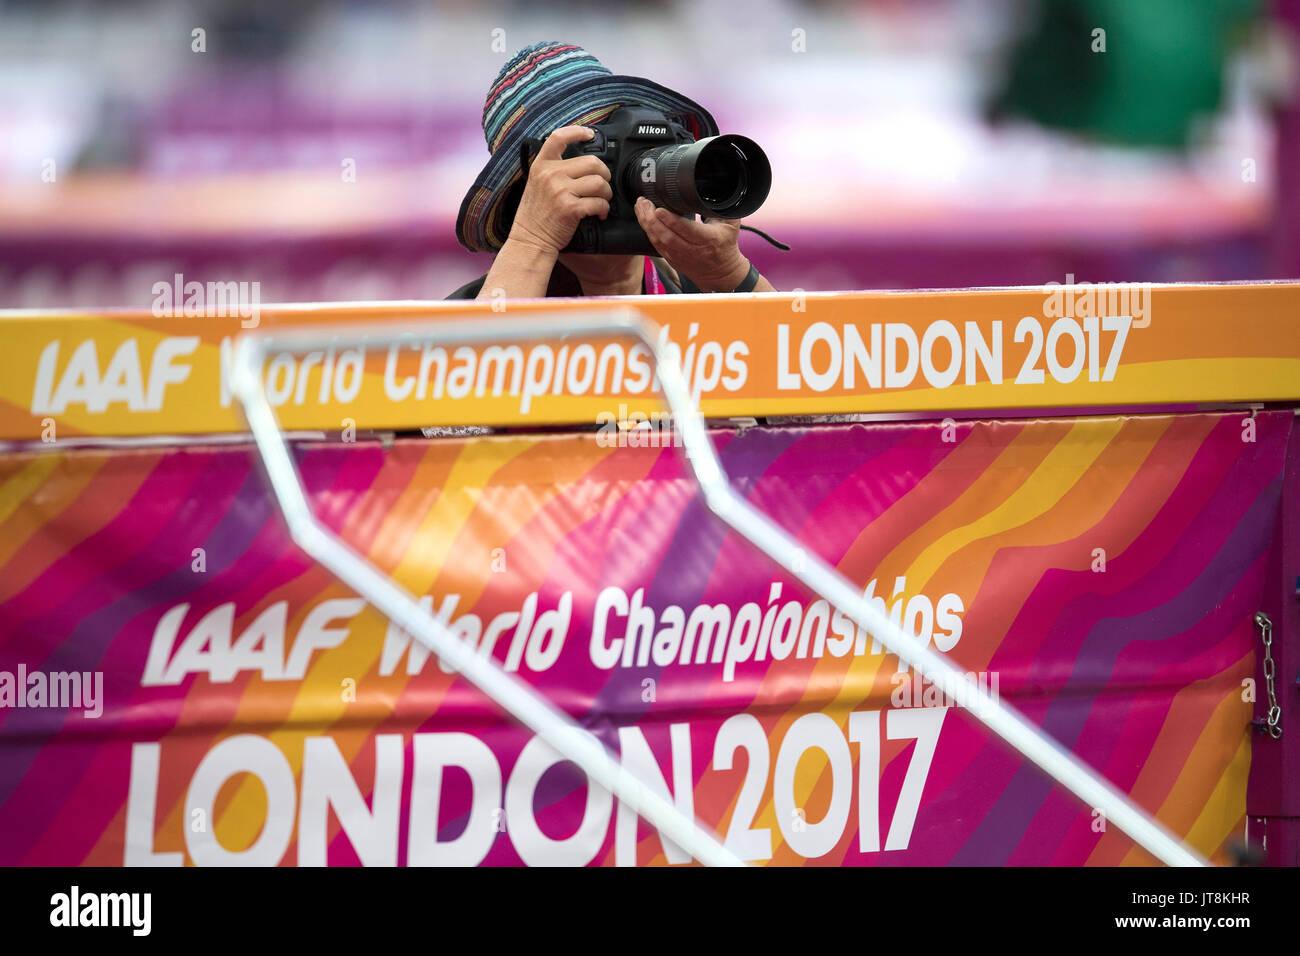 London, Grossbritannien. 05 Aug, 2017. Allgemein, Feature, Randmotiv, eine Fotografin hinter einer IAAF WM Bande, Hochsprung Siebenkampf am 05.08.2017 Wirtschaft Championships 2017 in London/Grossbritannien, vom 04.08. - 13.08.2017. | Verwendung weltweit Quelle: dpa/Alamy leben Nachrichten Stockbild